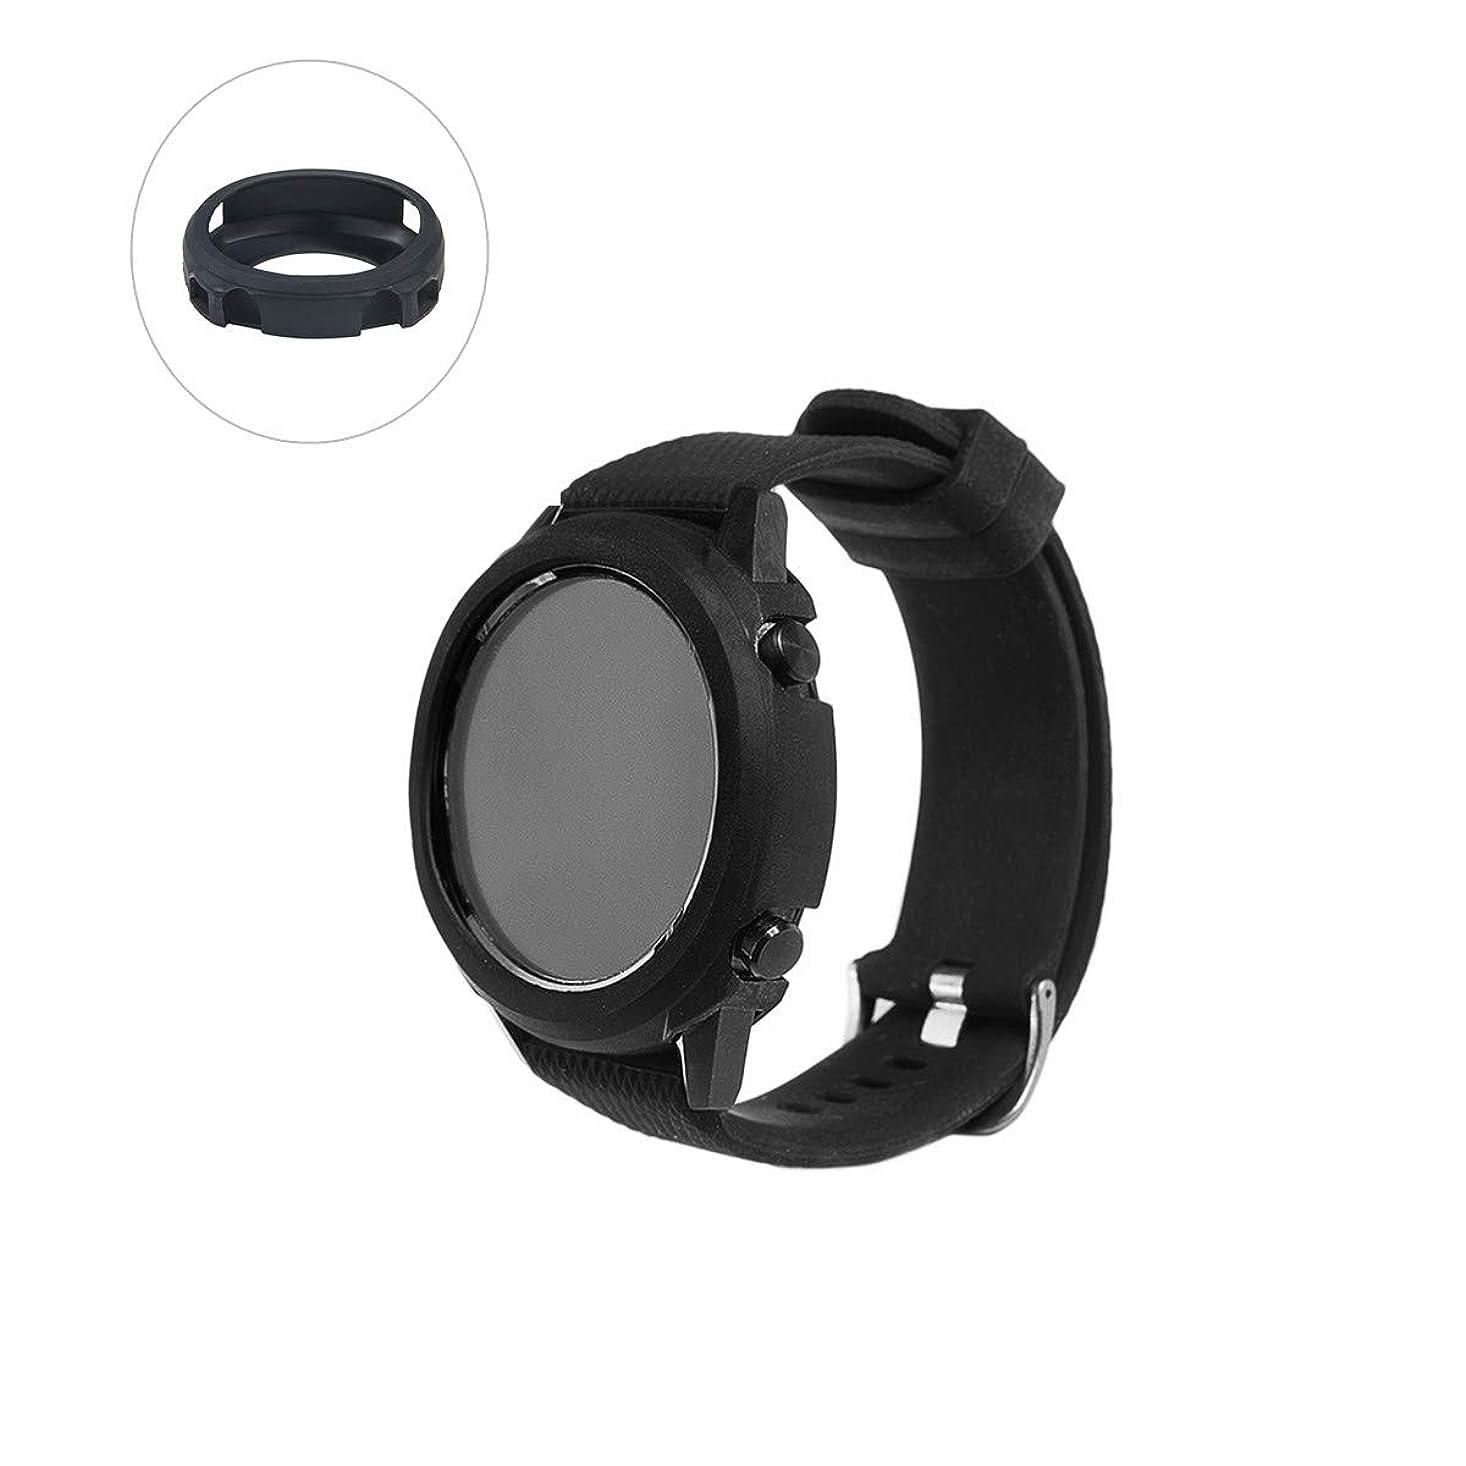 ビリー親指控えめなLichifit Huawei Watch GTケース 保護カバー TPUプロテクター 全面保護 衝撃吸収 Huawei watch gt用アクセサリー ブラック